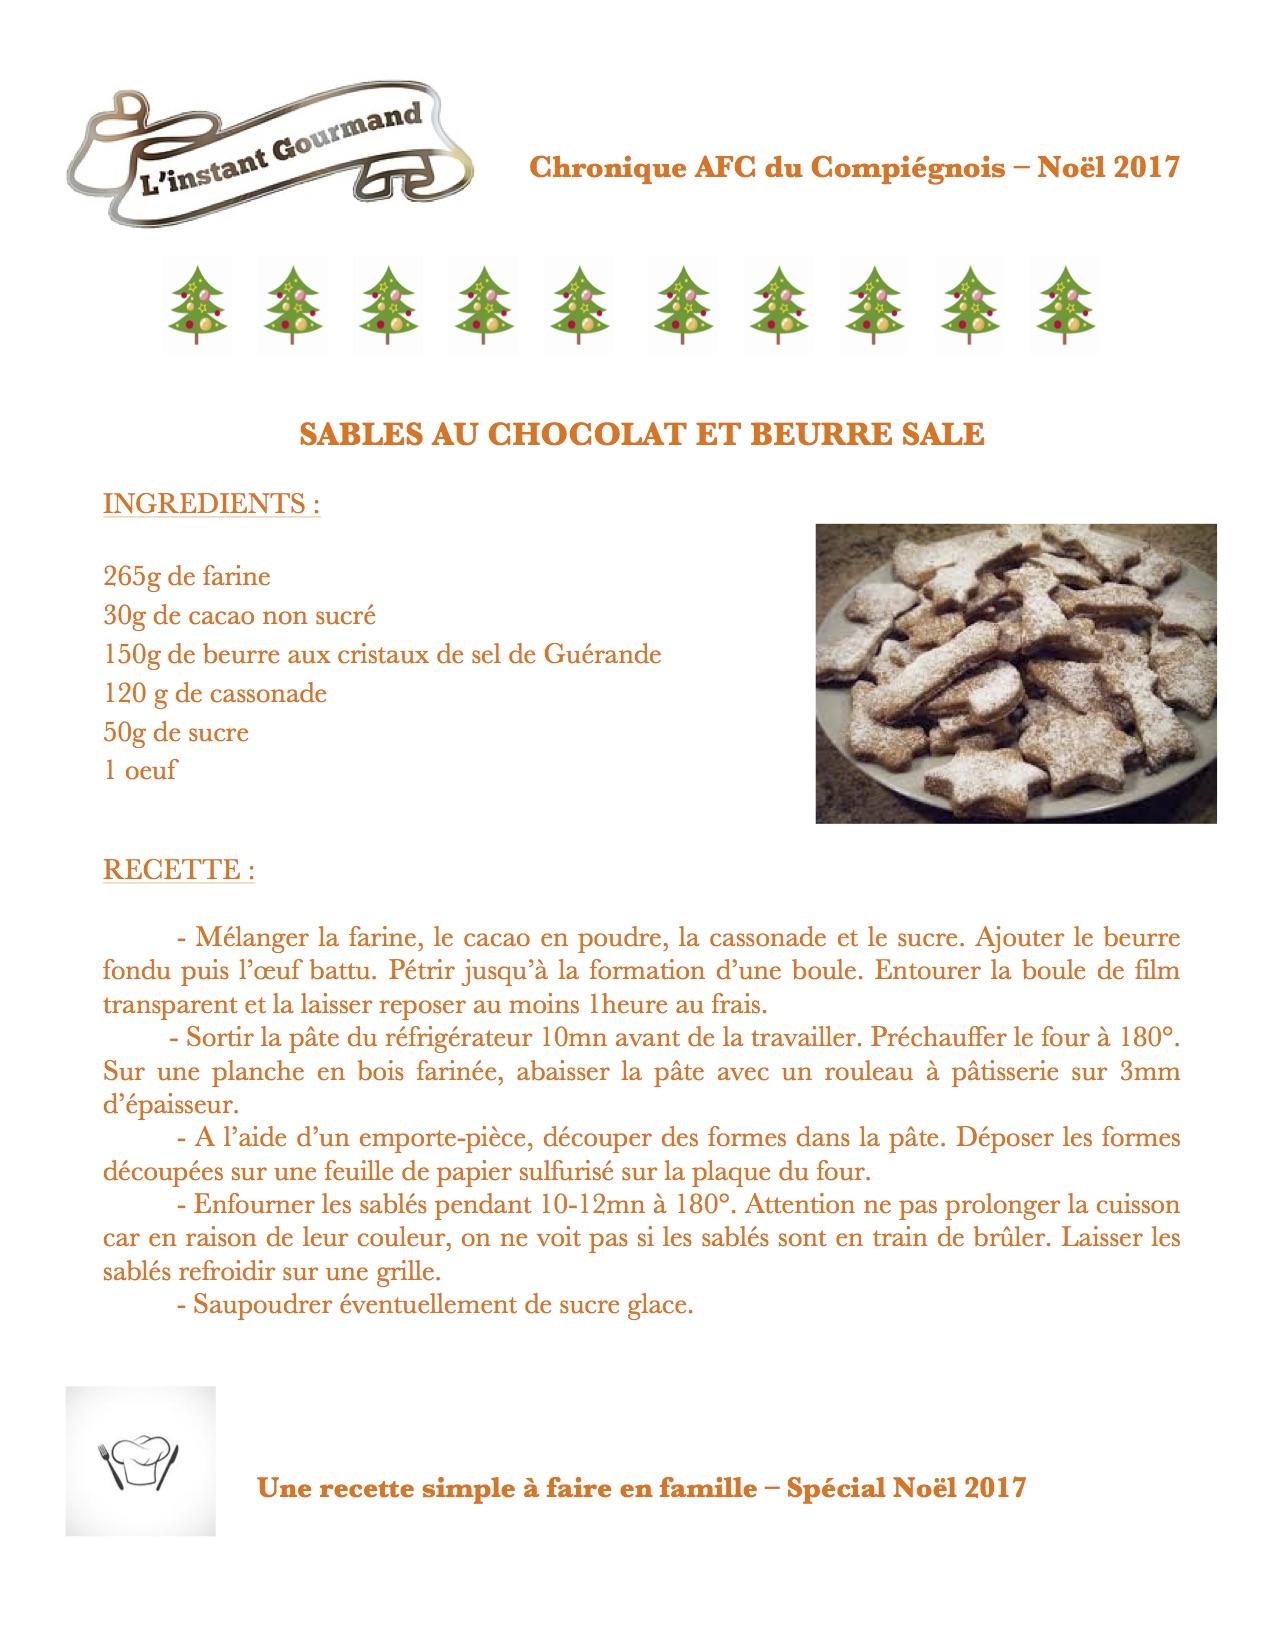 Sablés au chocolat et beurre salé